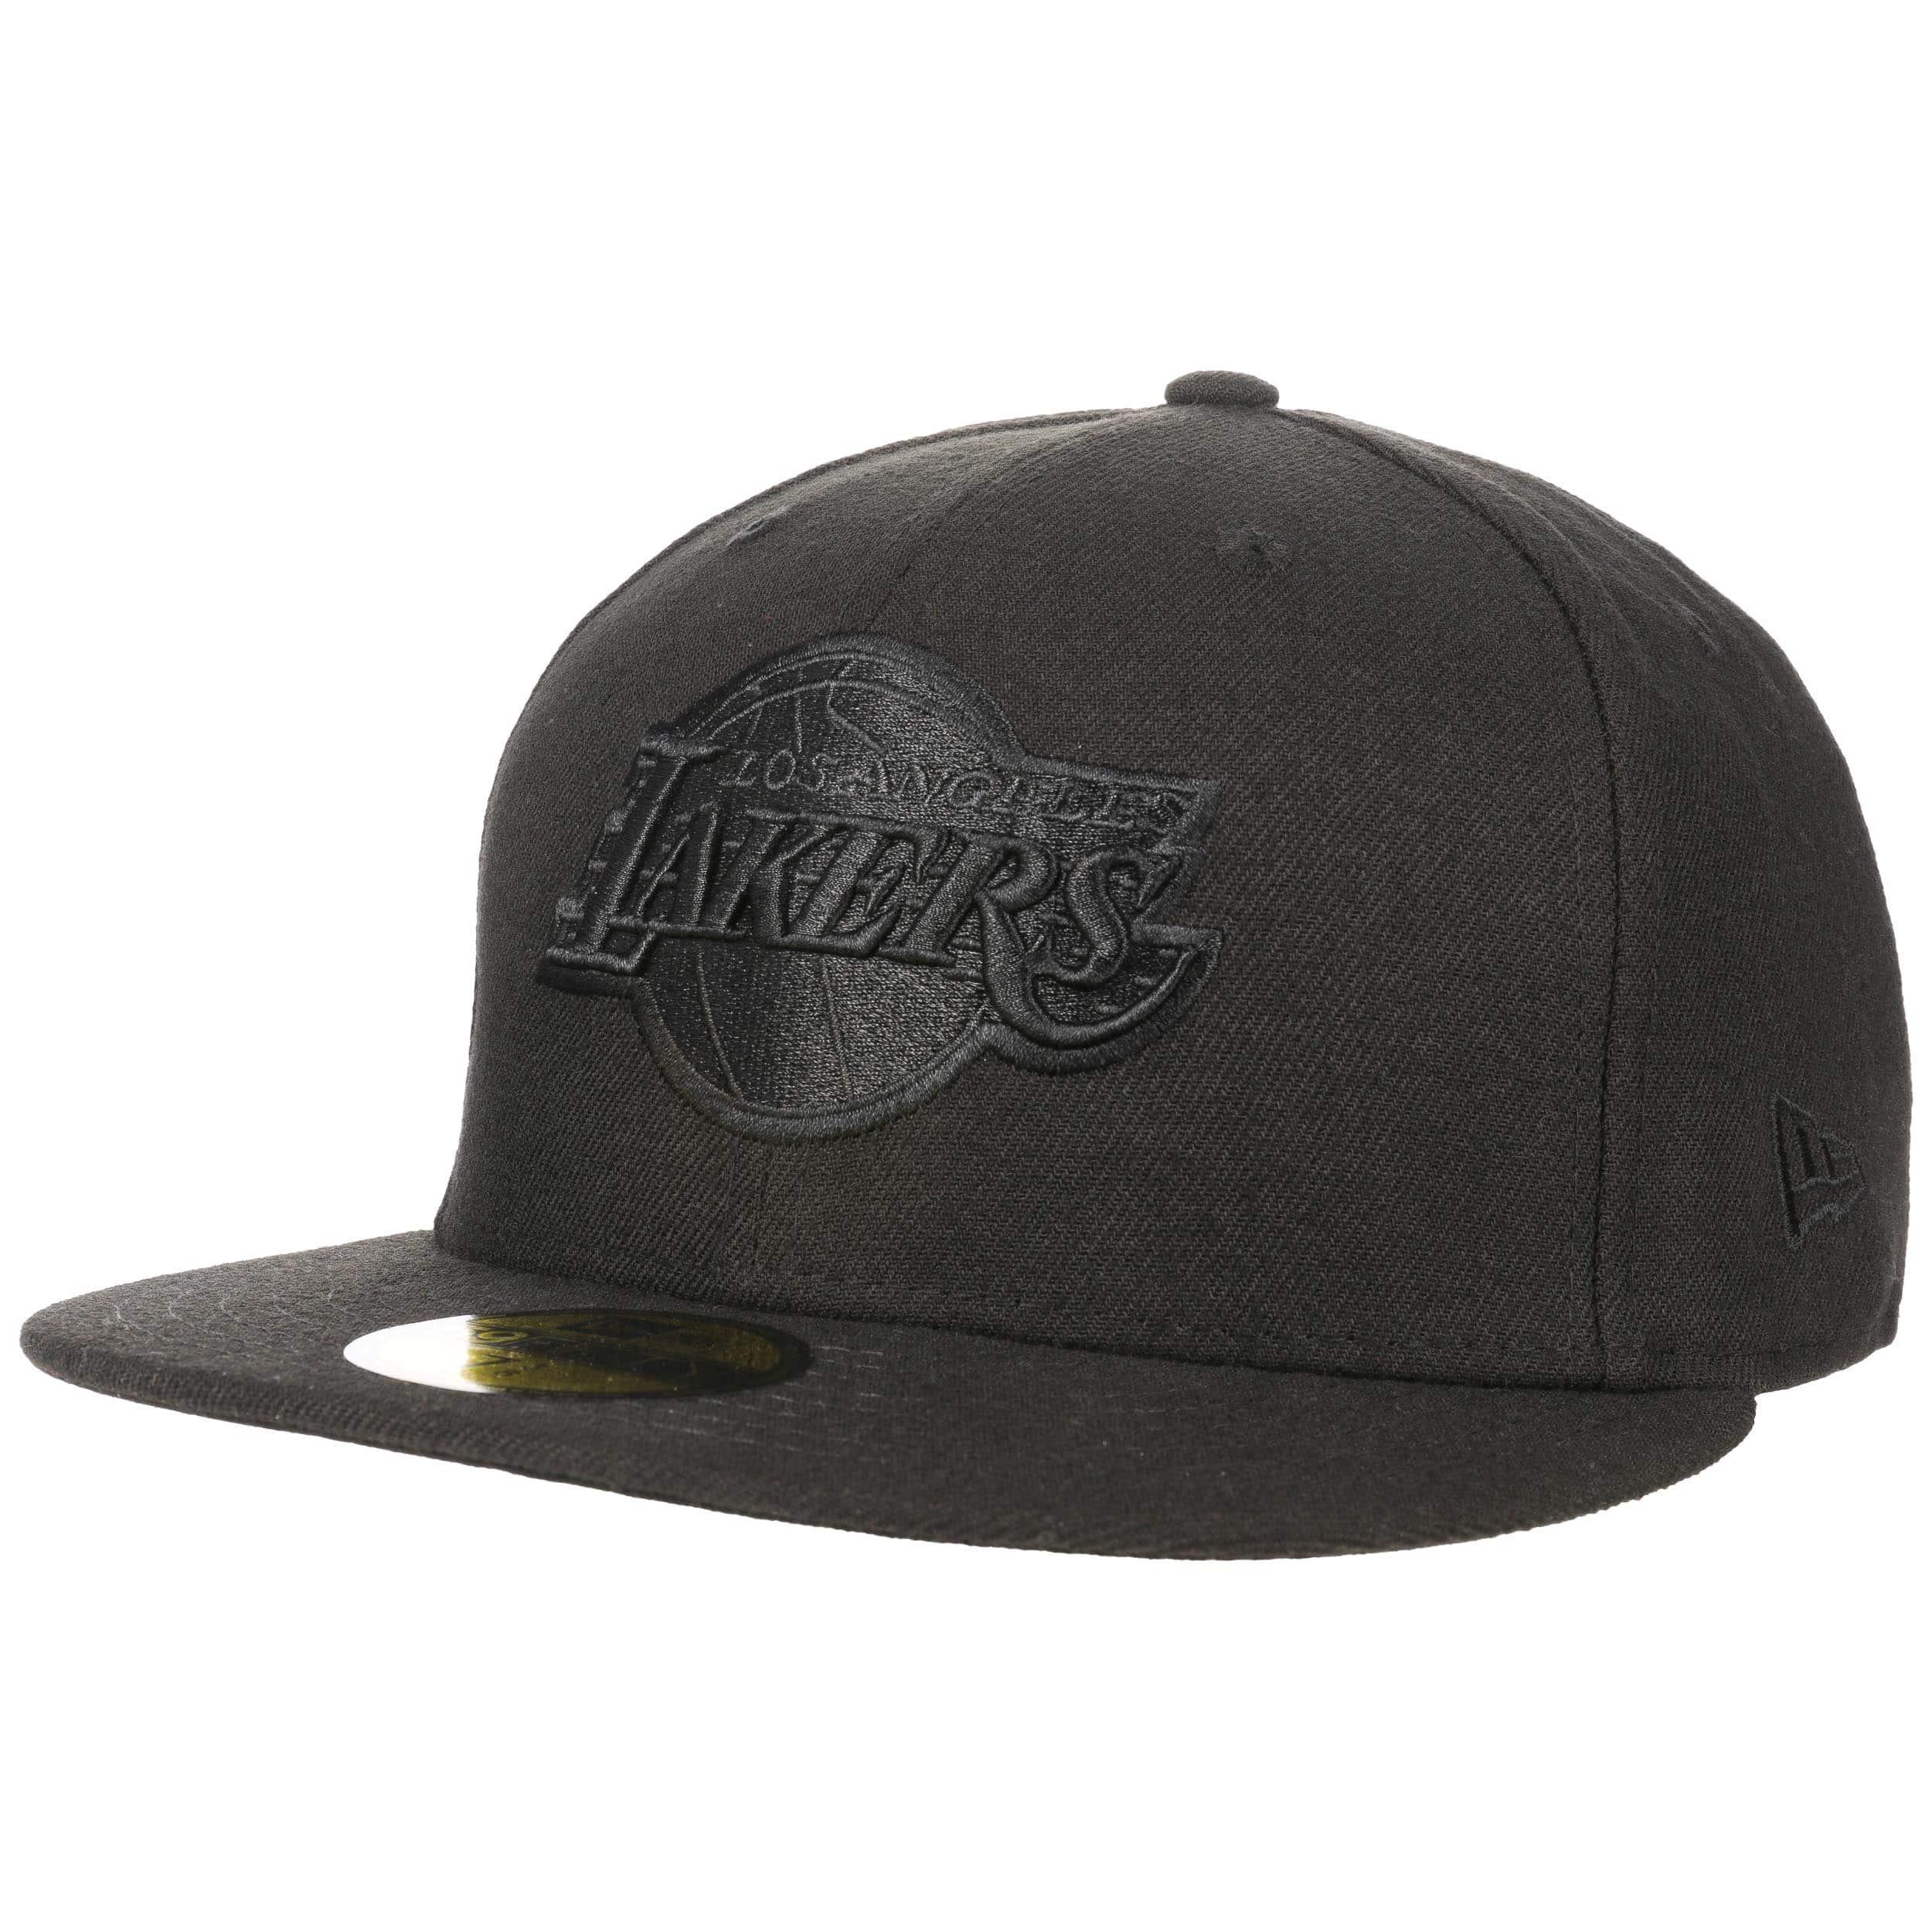 59fifty la lakers bob cap by new era gbp 27 95 hats caps beanies shop online. Black Bedroom Furniture Sets. Home Design Ideas